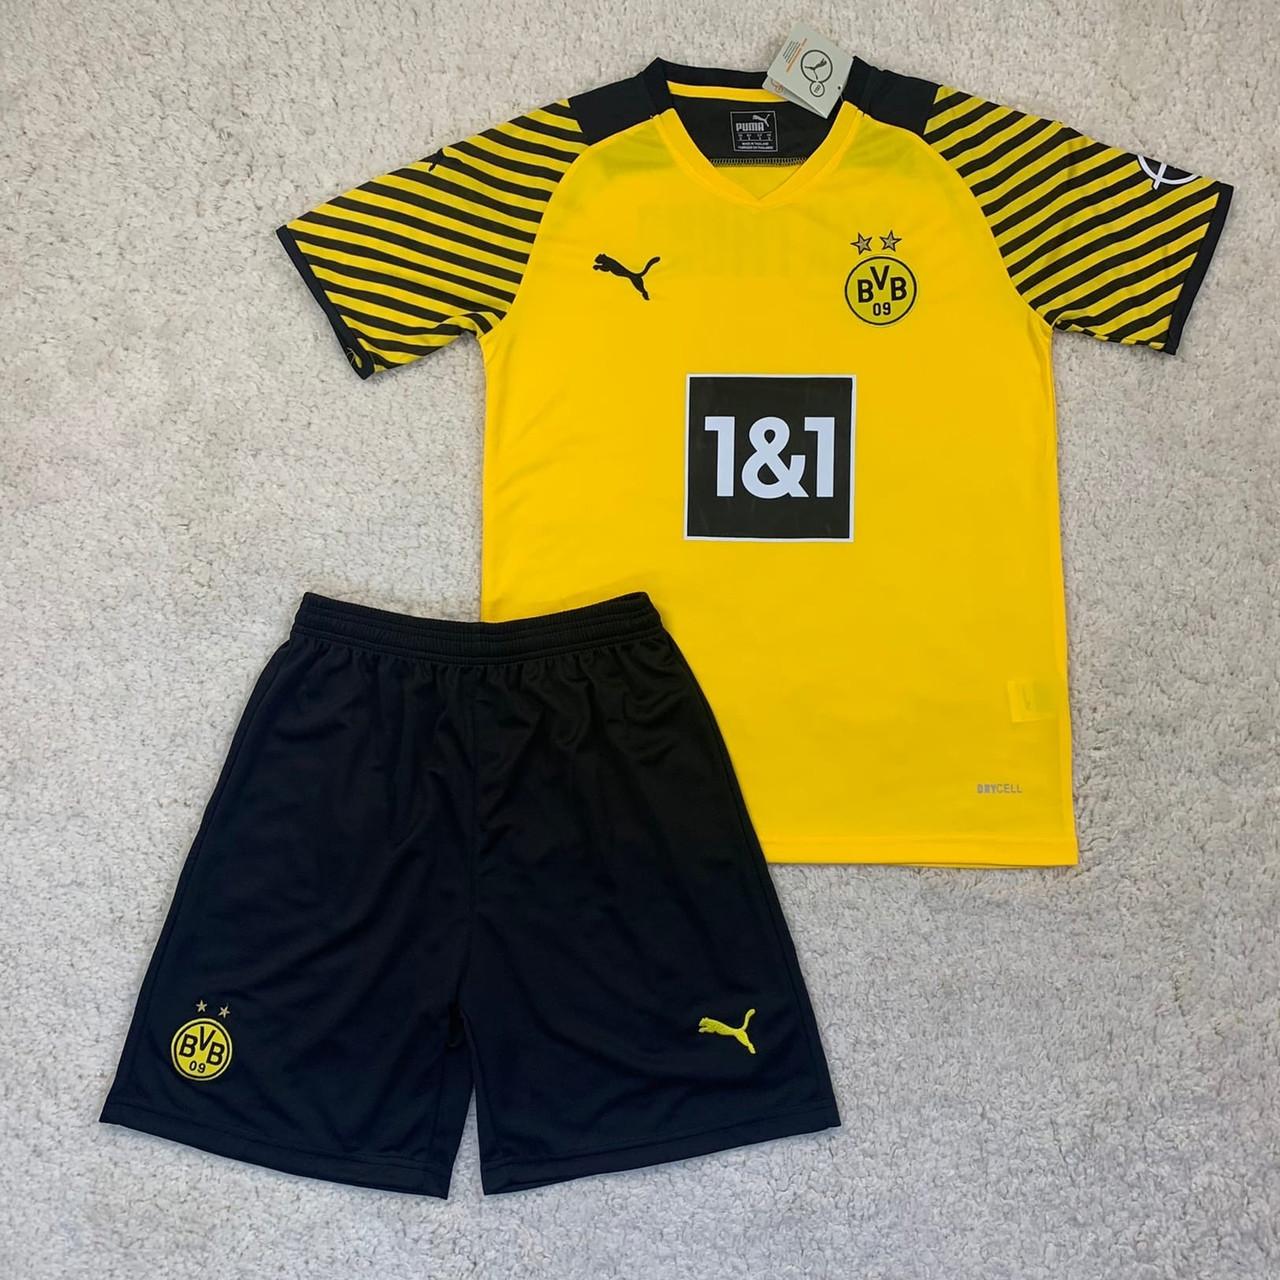 Футбольная форма Боруссия Д/ Borussia Dortmund football uniform 2021-2022 дом